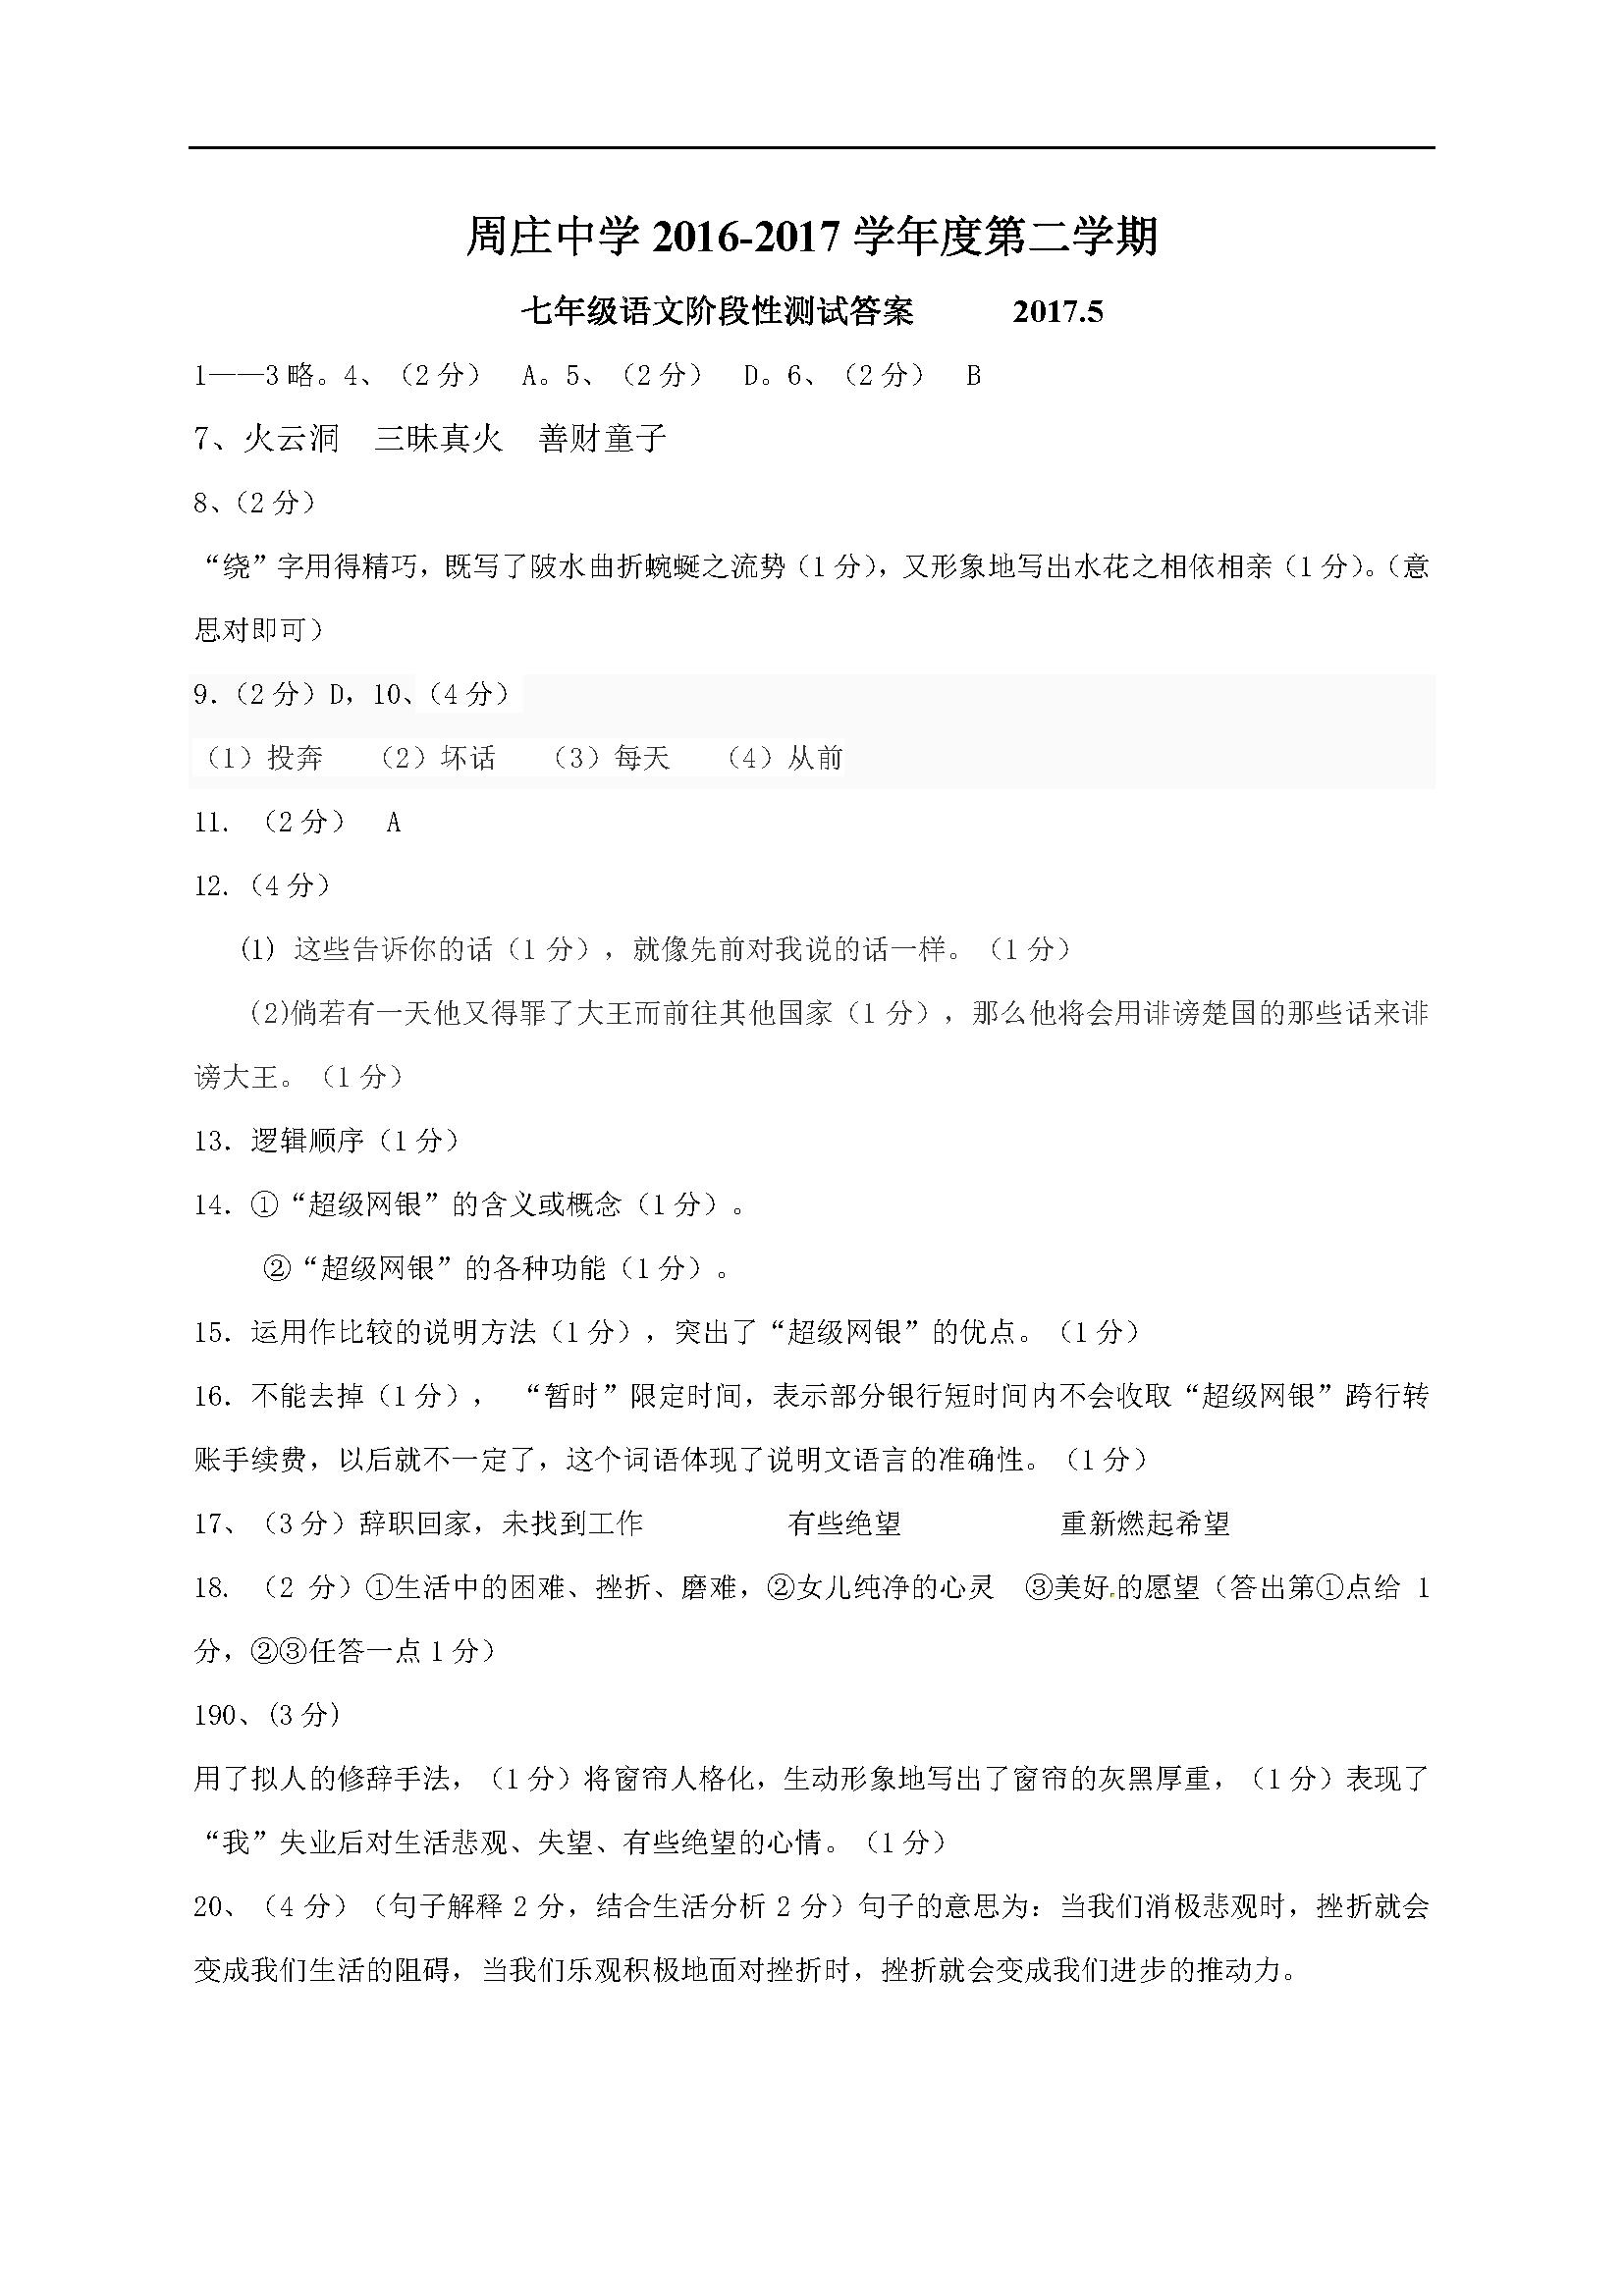 2017江苏无锡江阴七年级5月月考语文试题答案(图片版)